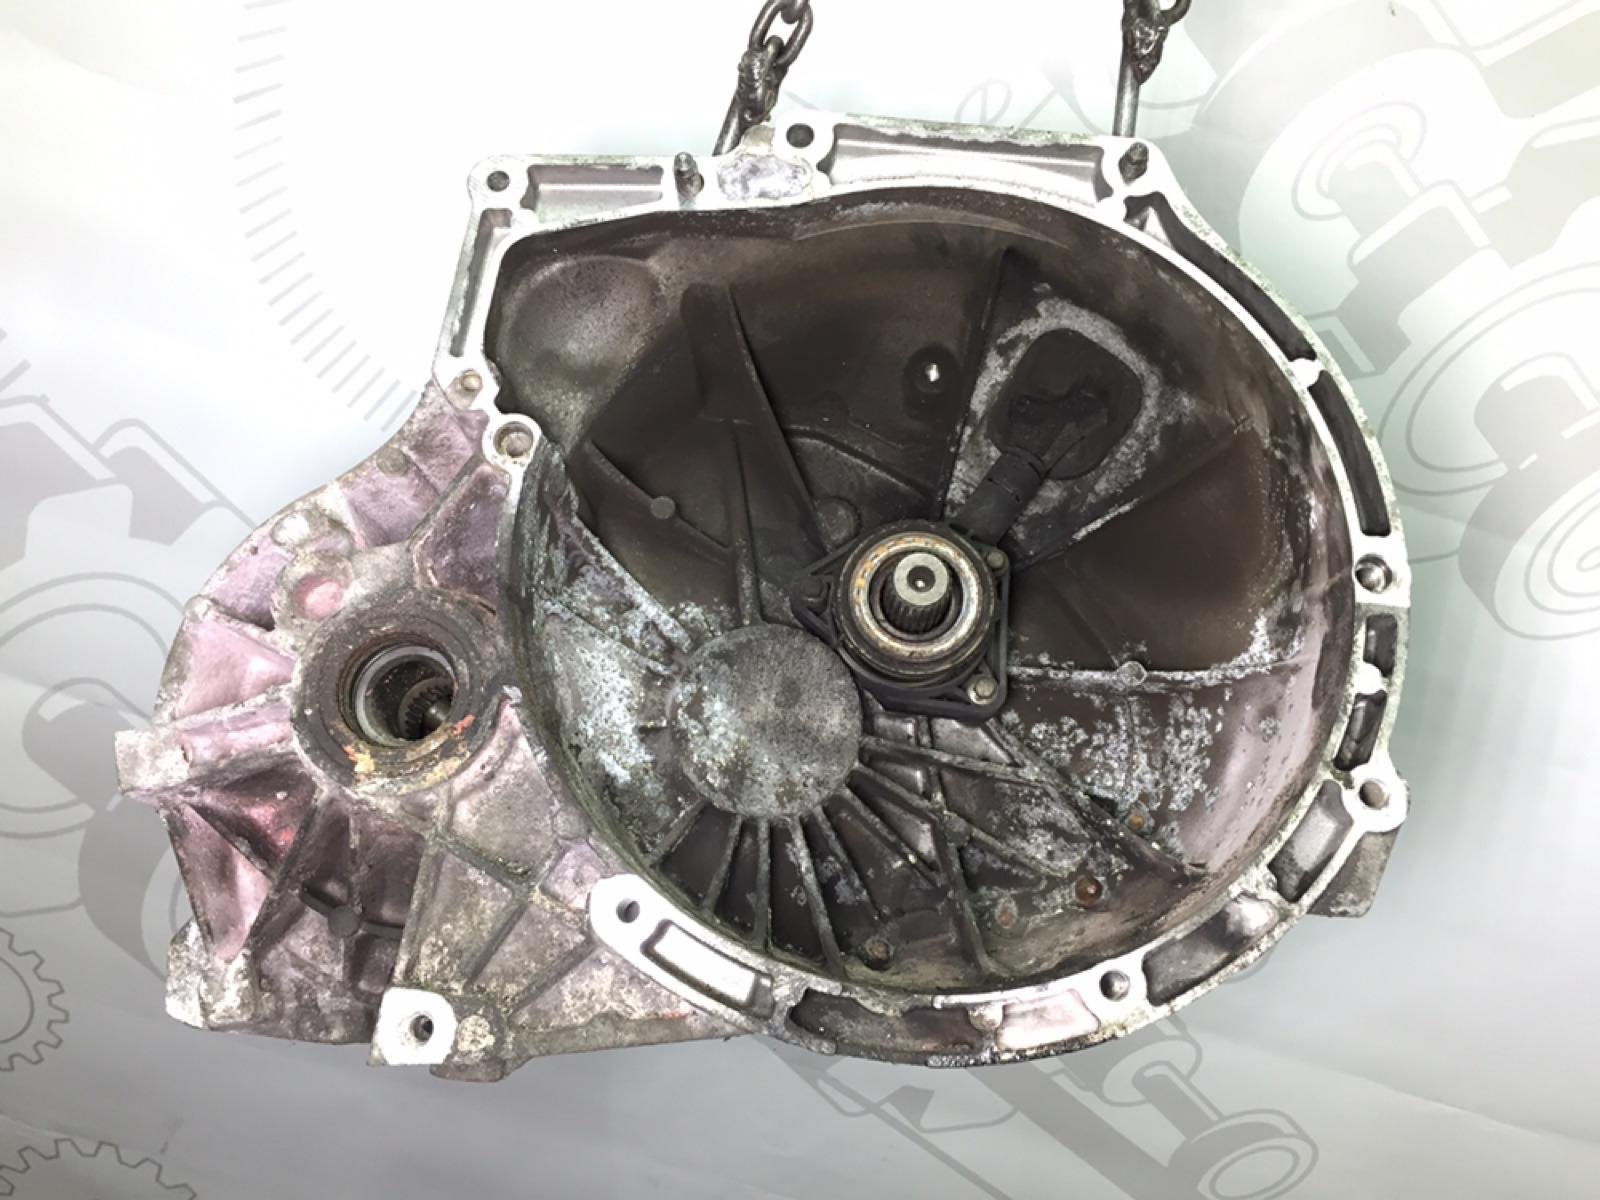 Кпп механическая (мкпп) Ford Focus 1.6 TDCI 2007 (б/у)